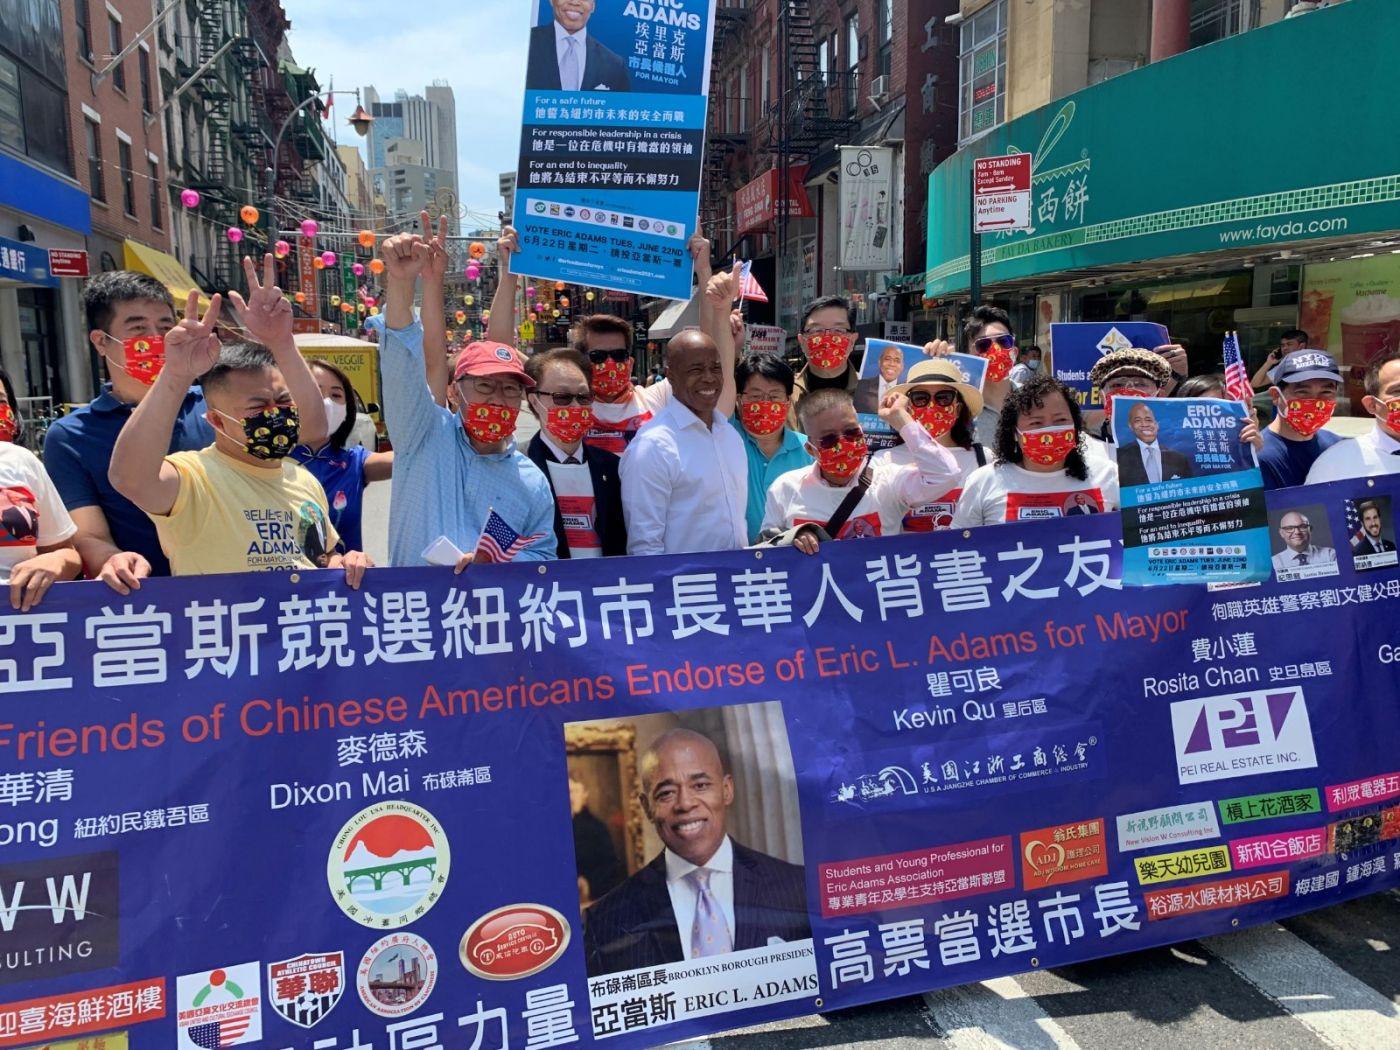 高娓娓:纽约市长竞选人亚当斯拜访唐人街社区民众_图1-20